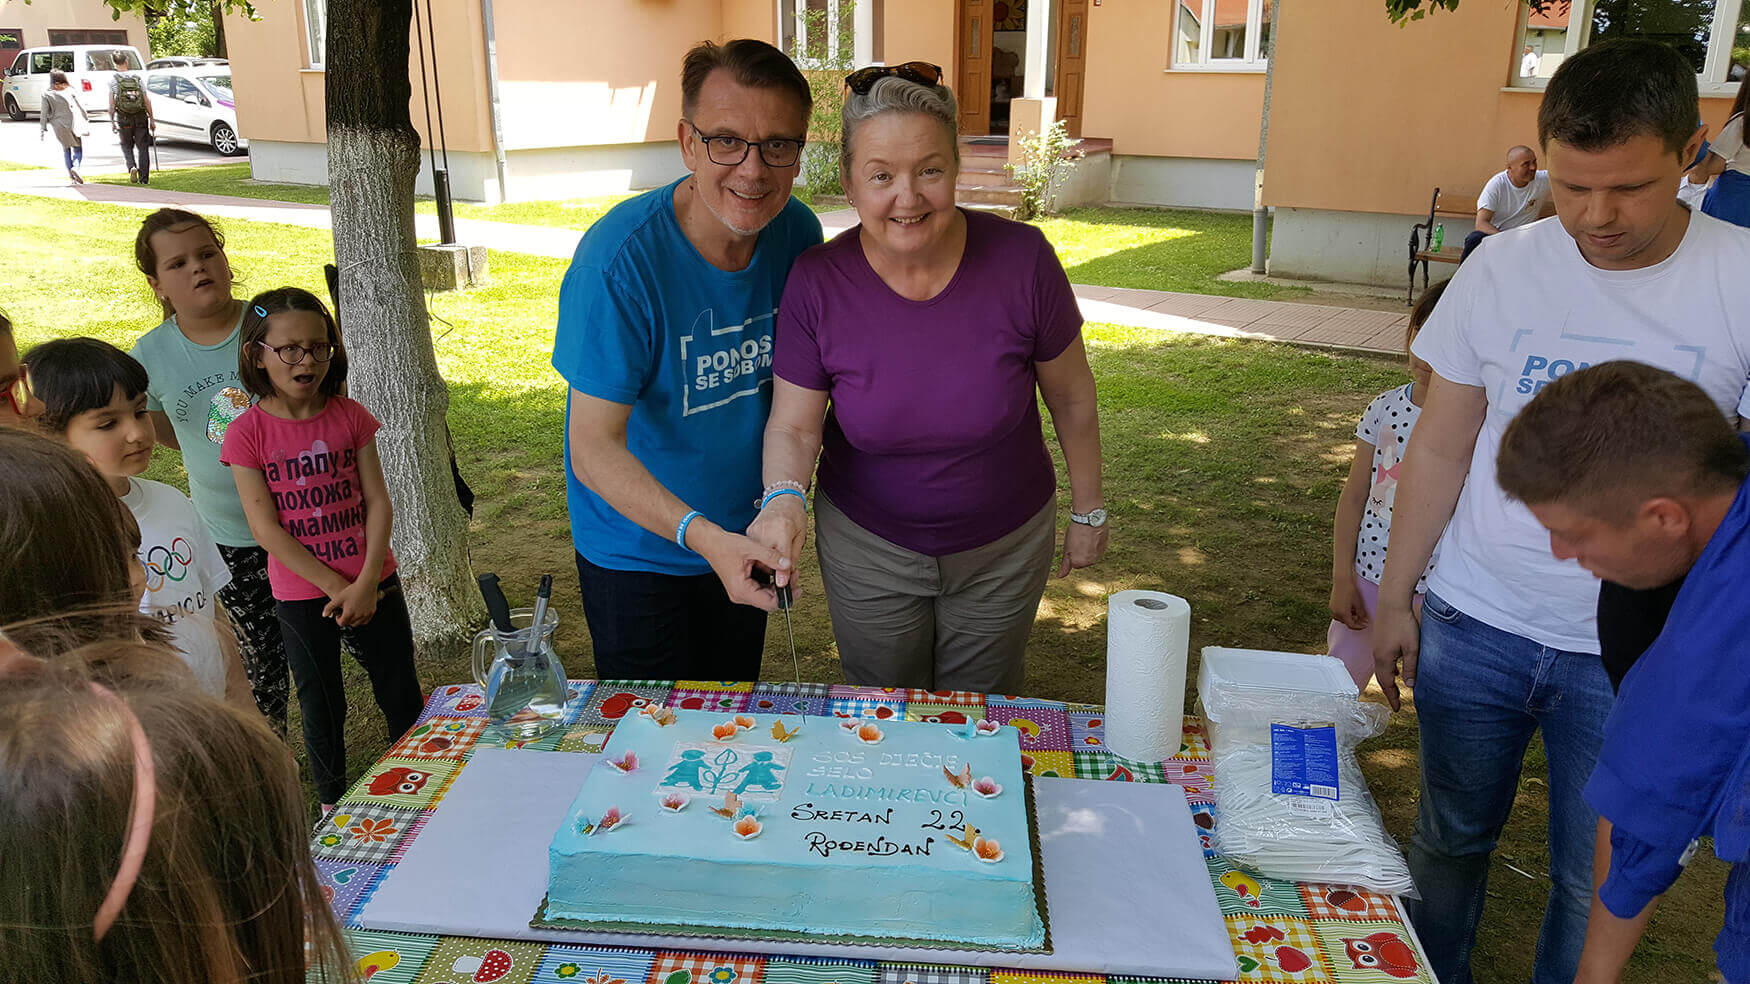 Rođendansku tortu razrezali su nacionalna Direktorica Višnja Tuškan-Krupić i Zoran Relić, direktor SOS Dječjeg sela Ladimirevci